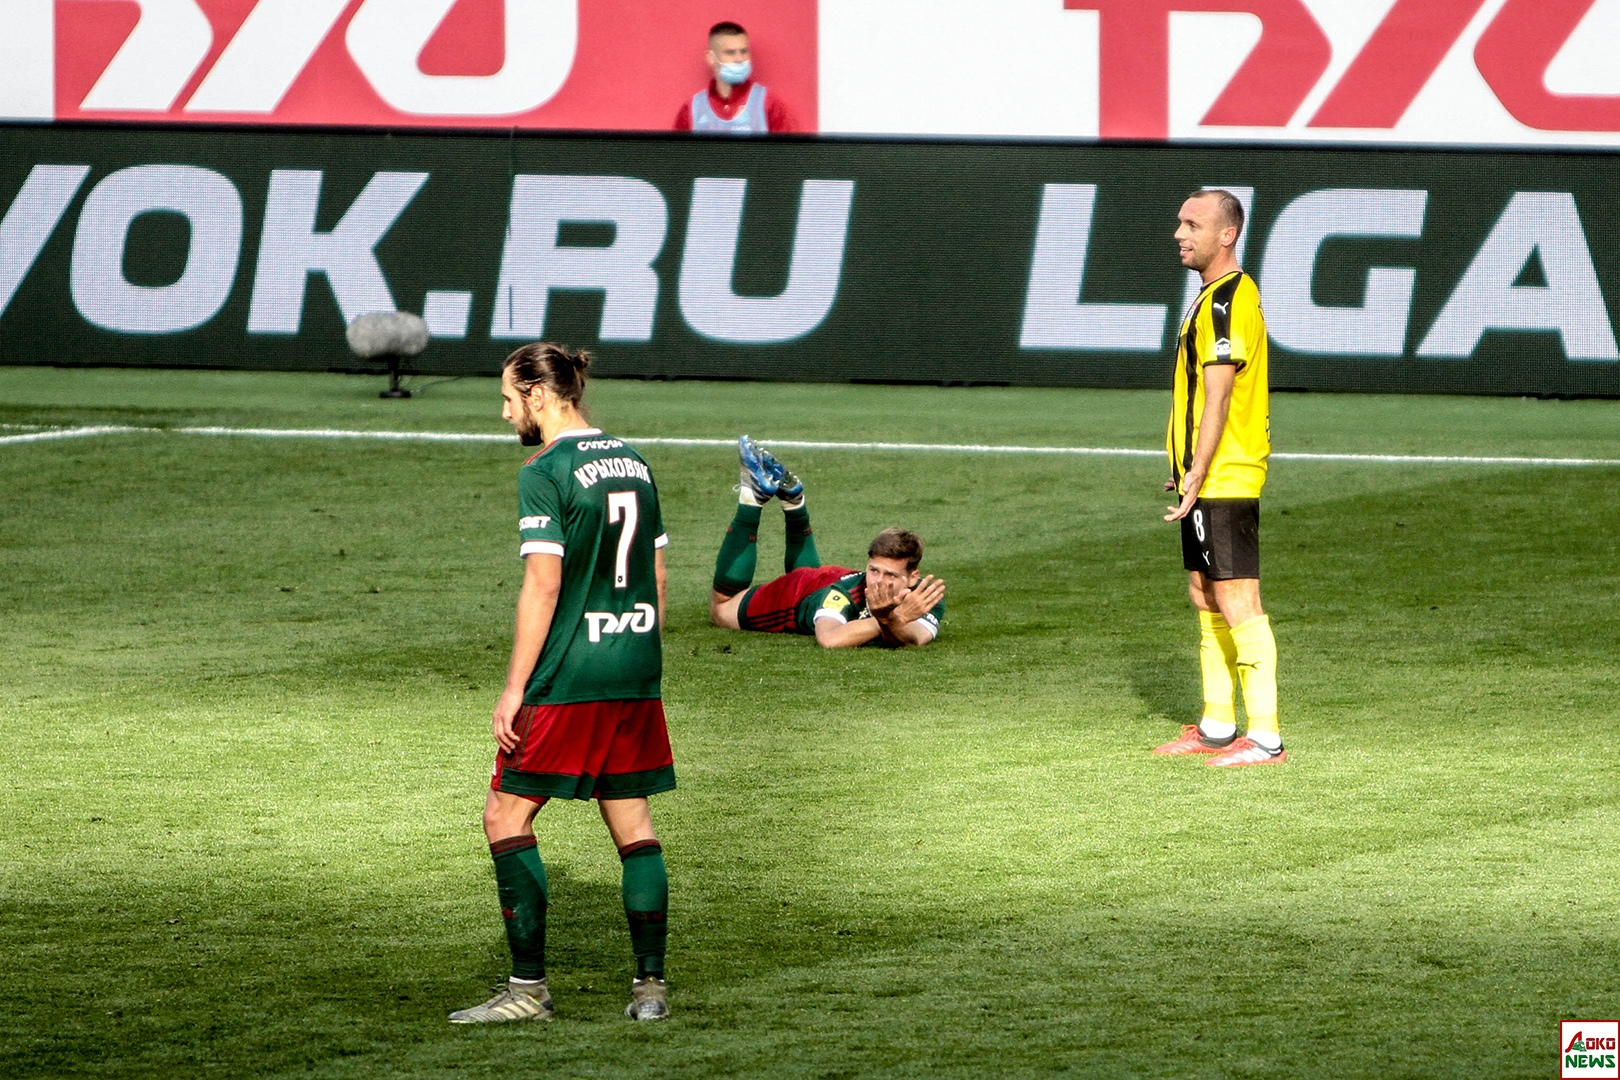 Локомотив - Химки. Фото: Дмитрий Бурдонов / Loko.News